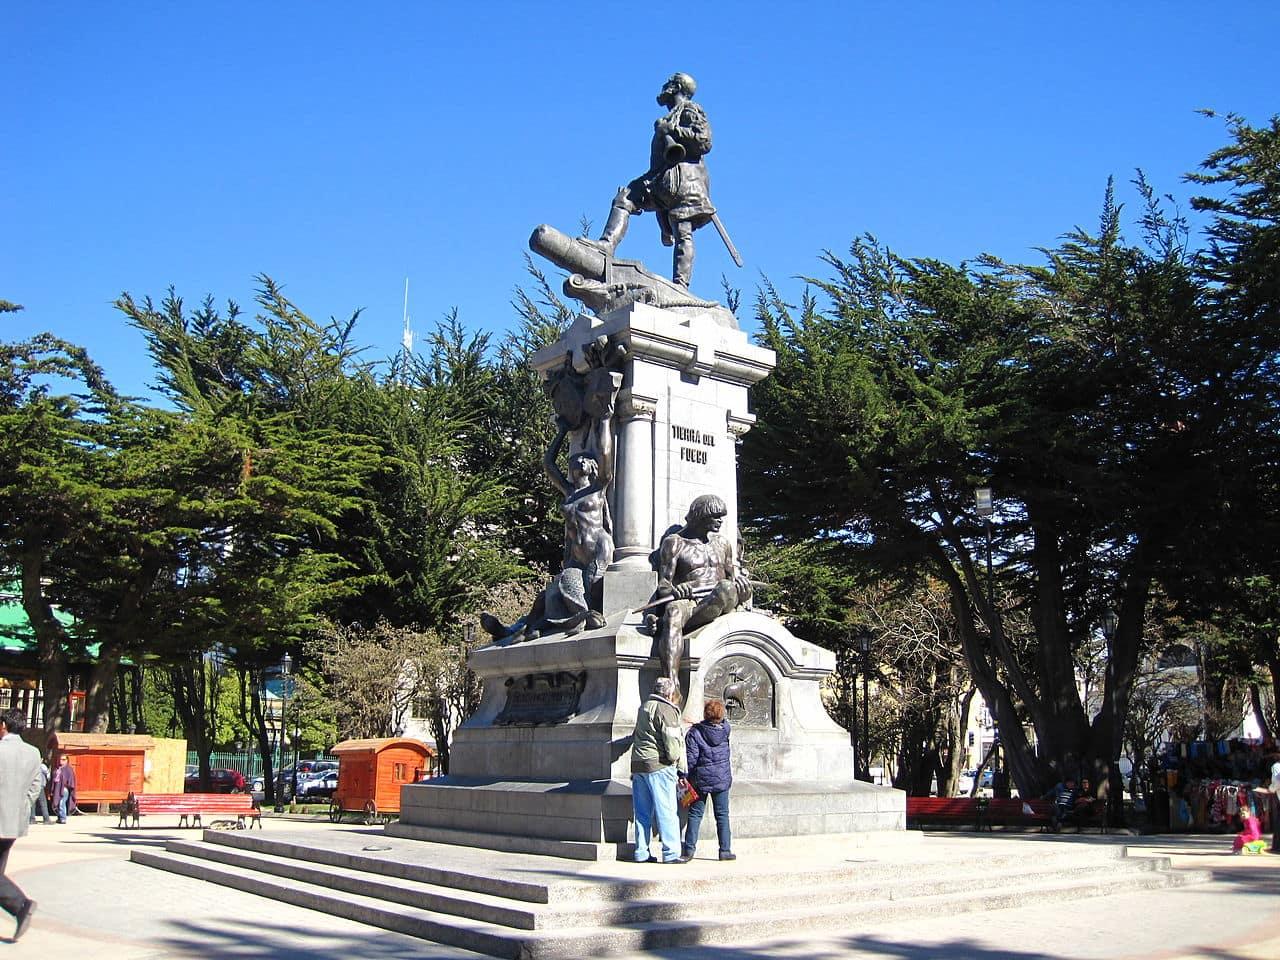 Ir à Plaza de Armas e Palacio Sara Braun em Punta Arenas